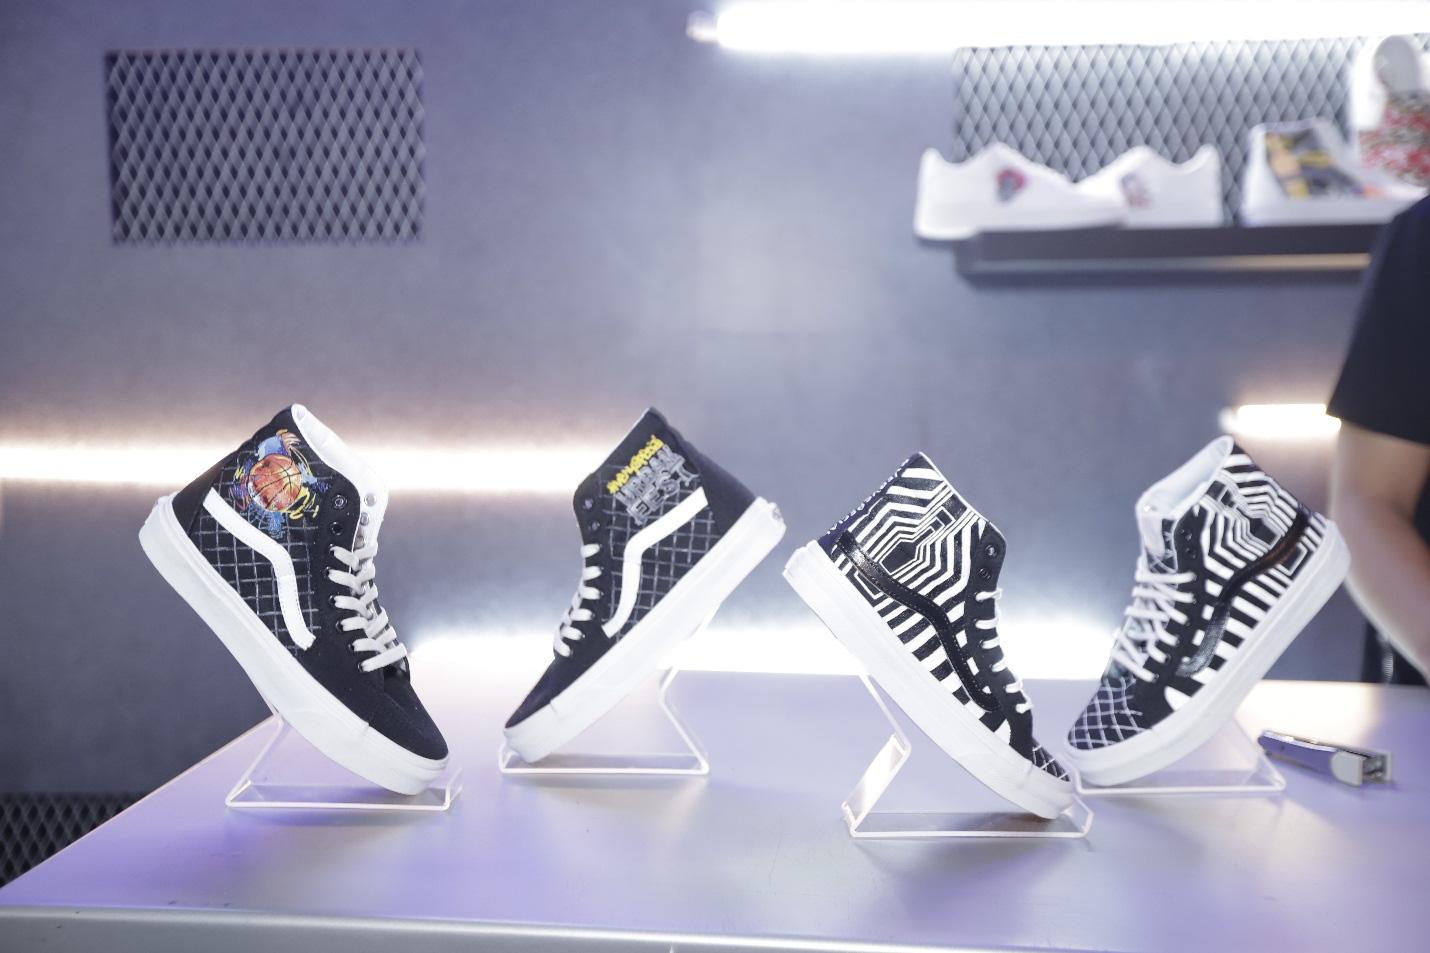 """""""Độ"""" giày - Một mảnh văn hóa đặc biệt của nghệ thuật thành thị - Ảnh 1."""